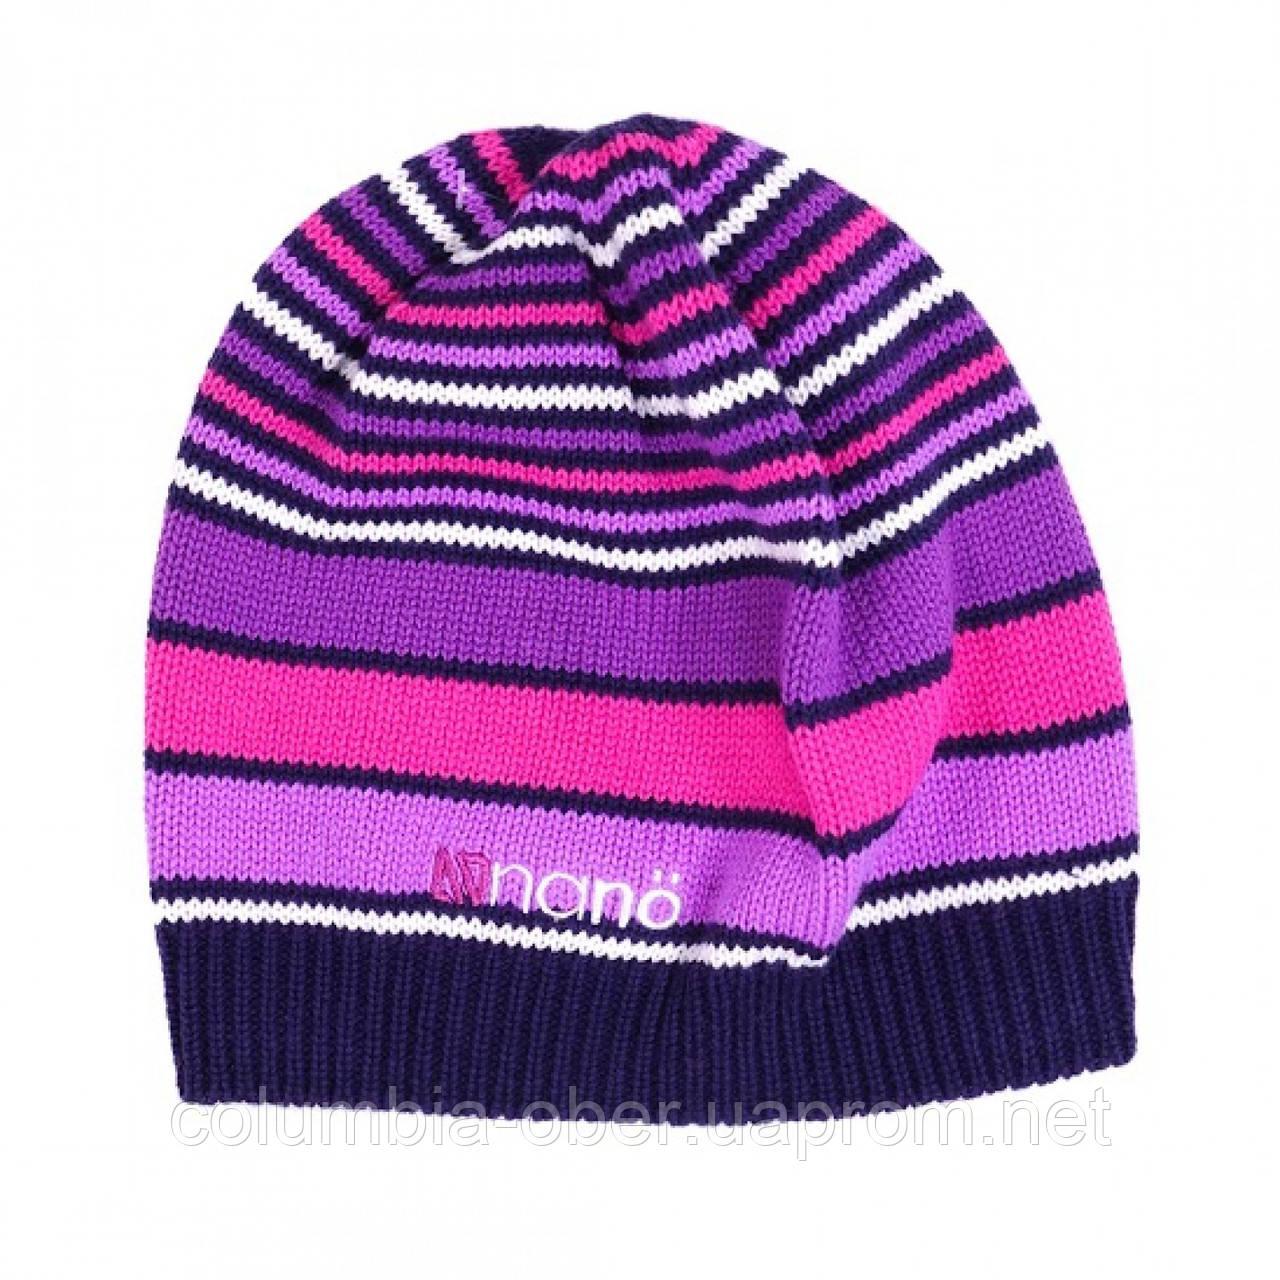 Демисезонная шапка для девочки NANO 202 TUT F16 Purple Haze.  Размеры 2/4Х - 7/12.